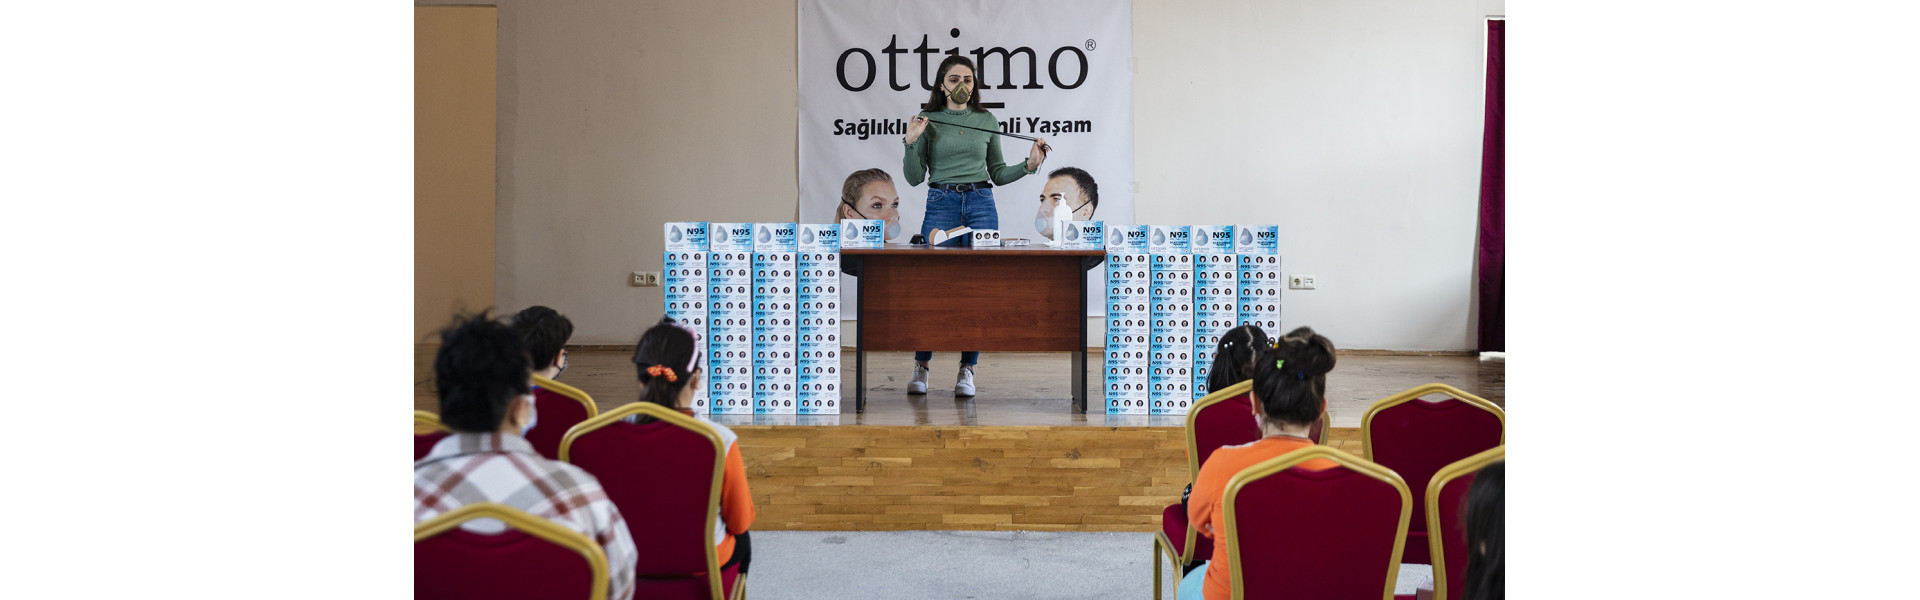 Şair Yahya Kemal İlkokulu